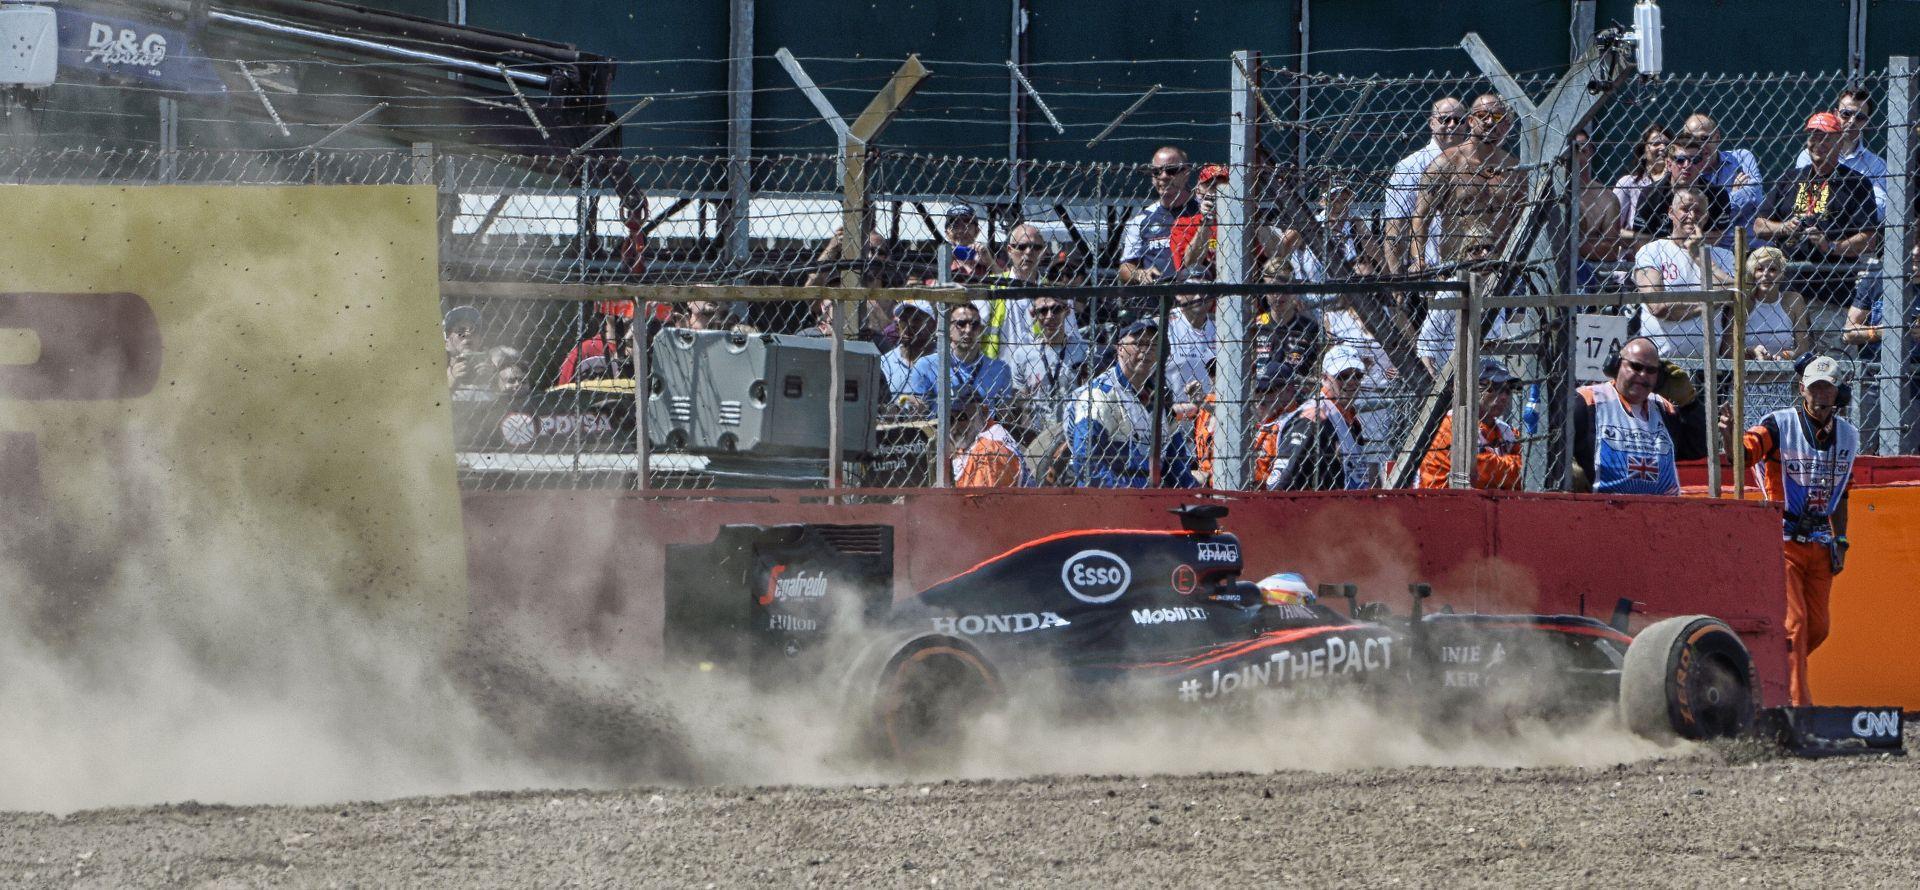 Képeken Alonso és Grosjean terepezése Silverstone-ból: Nem erre tervezték az F1-es autókat!